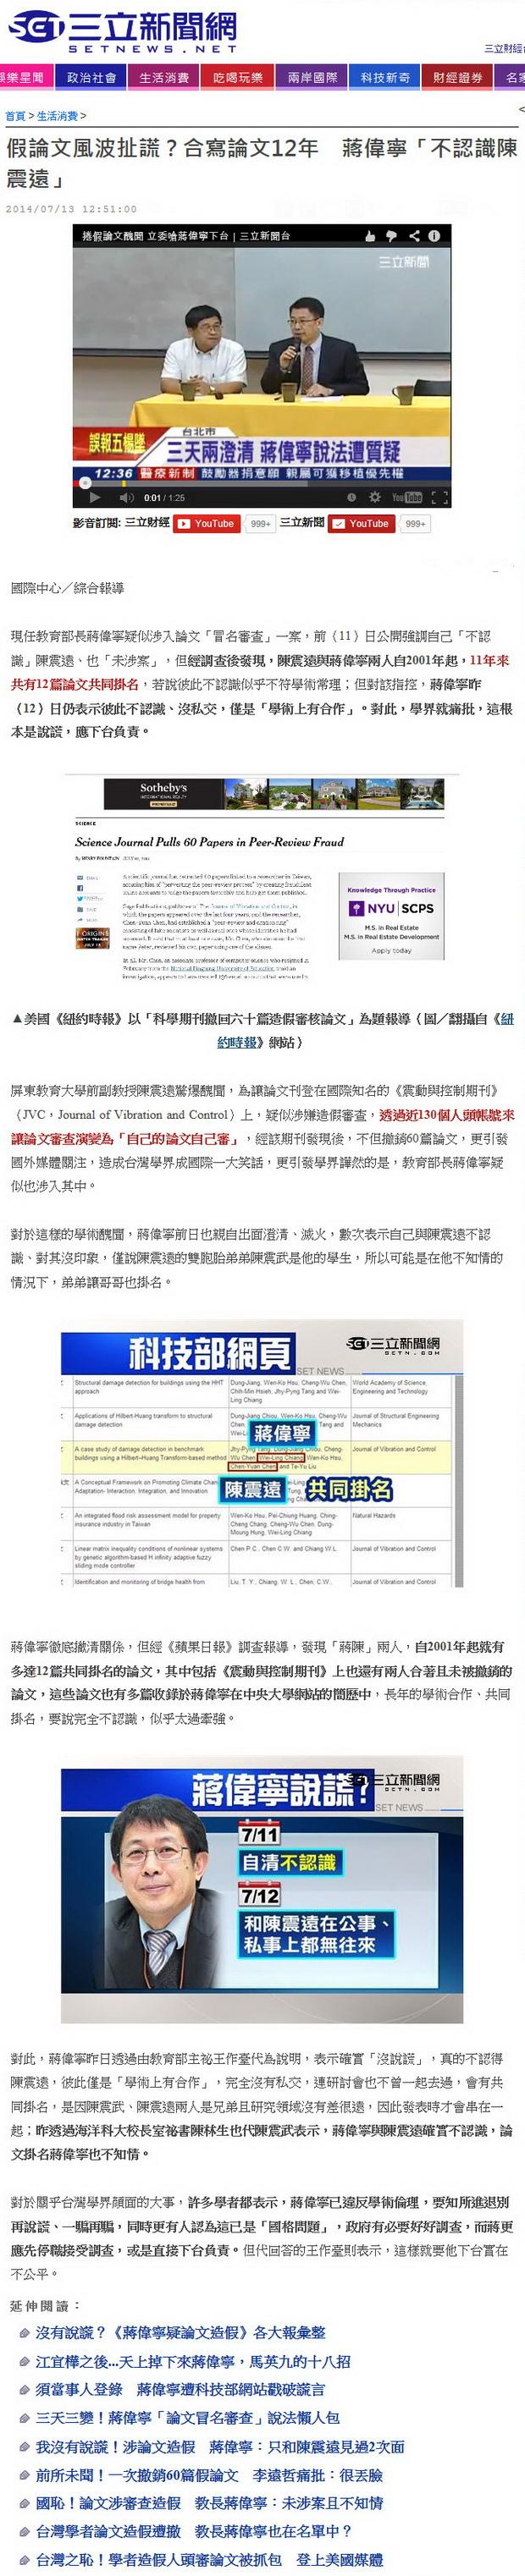 假論文風波扯謊?合寫論文12年 蔣偉寧「不認識陳震遠」-2014.07.14.jpg